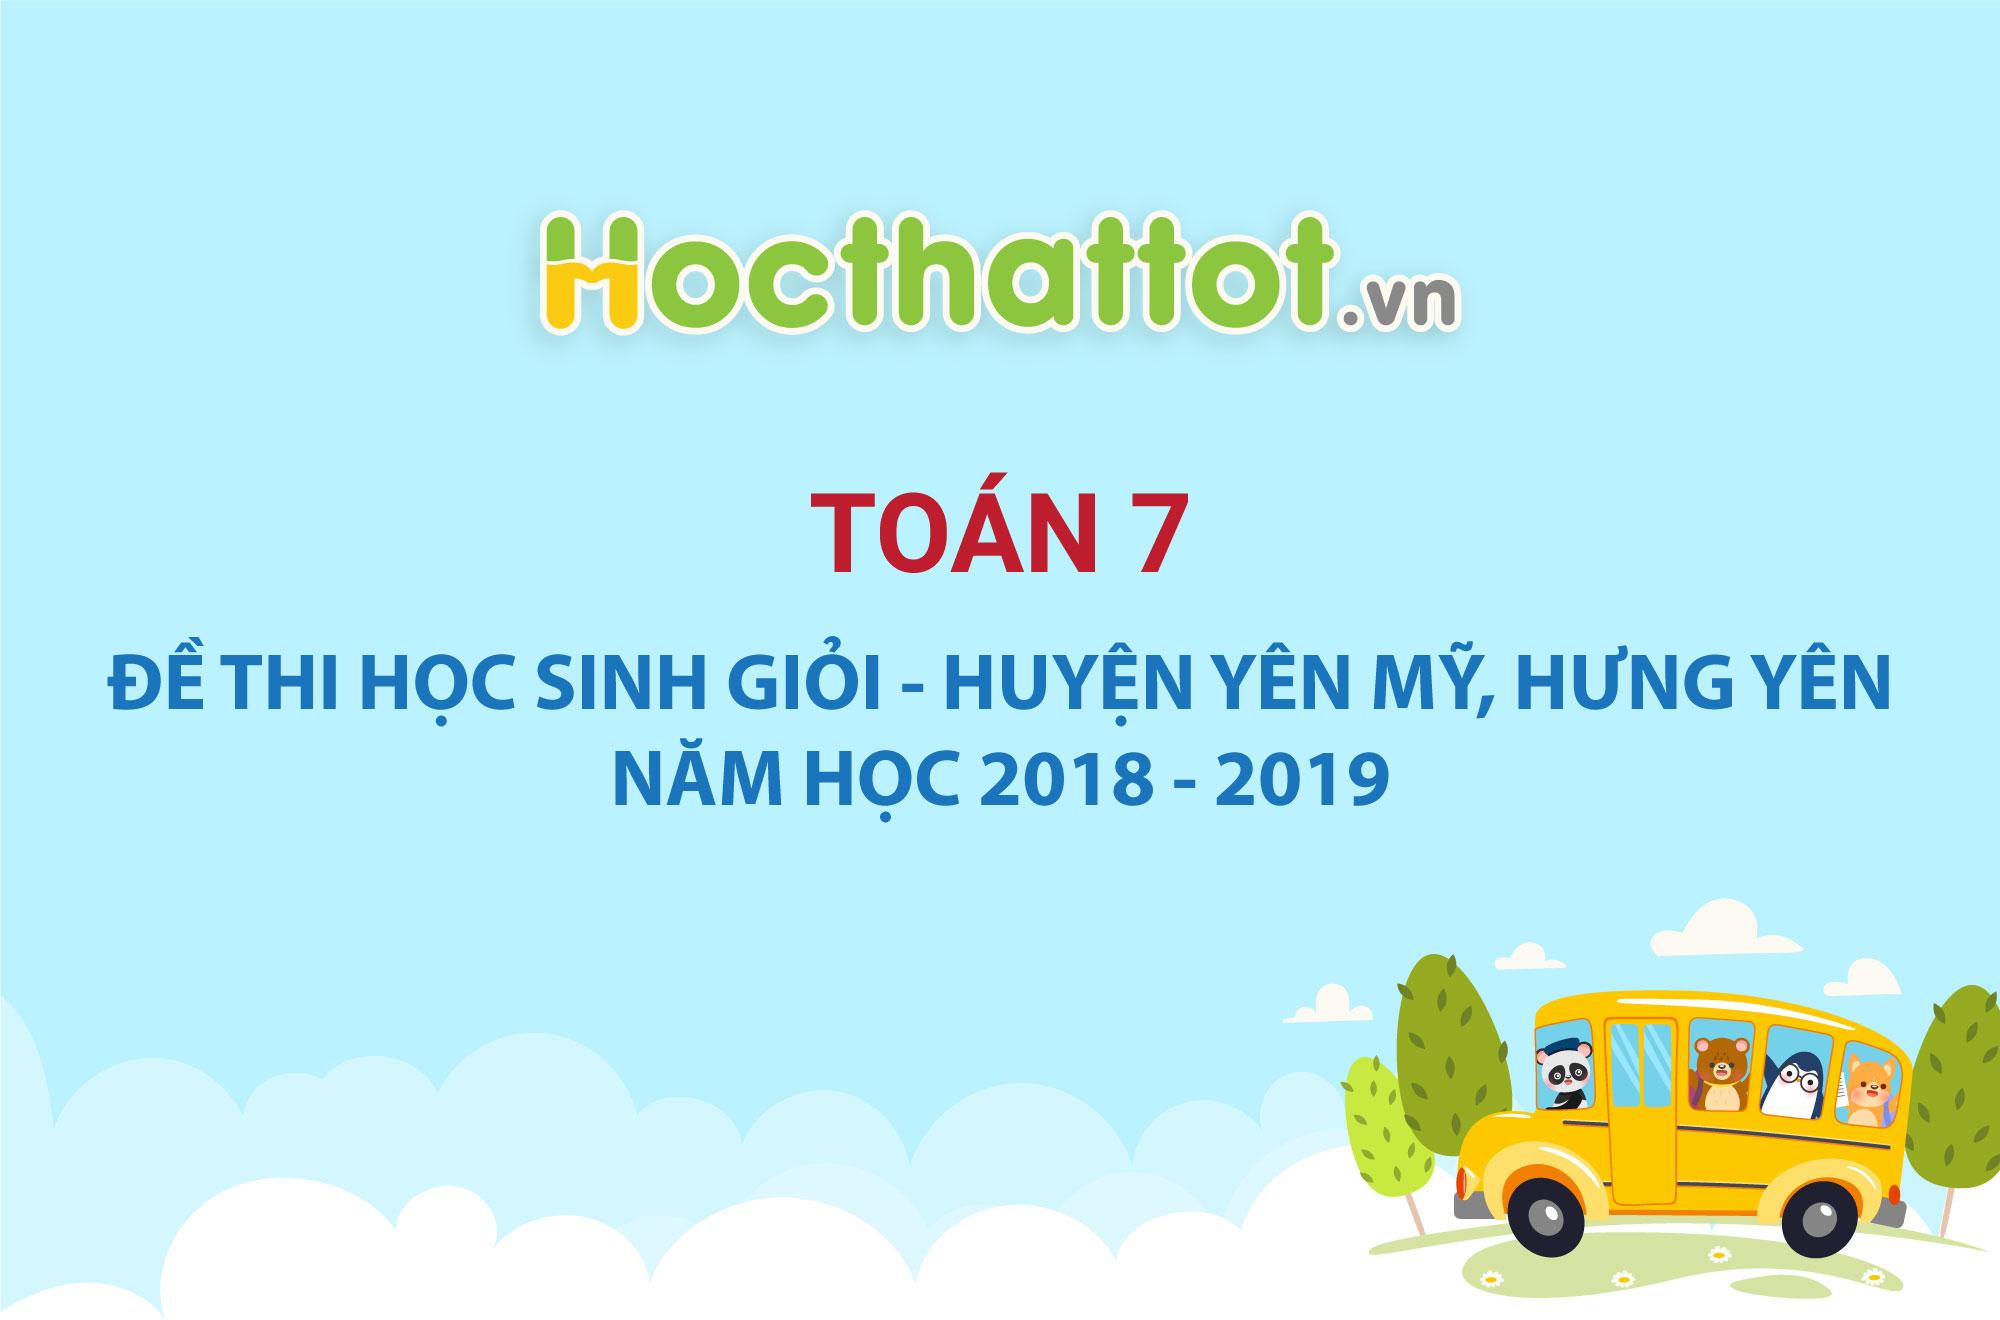 hsg-7-yen-my-hung-yen-2019